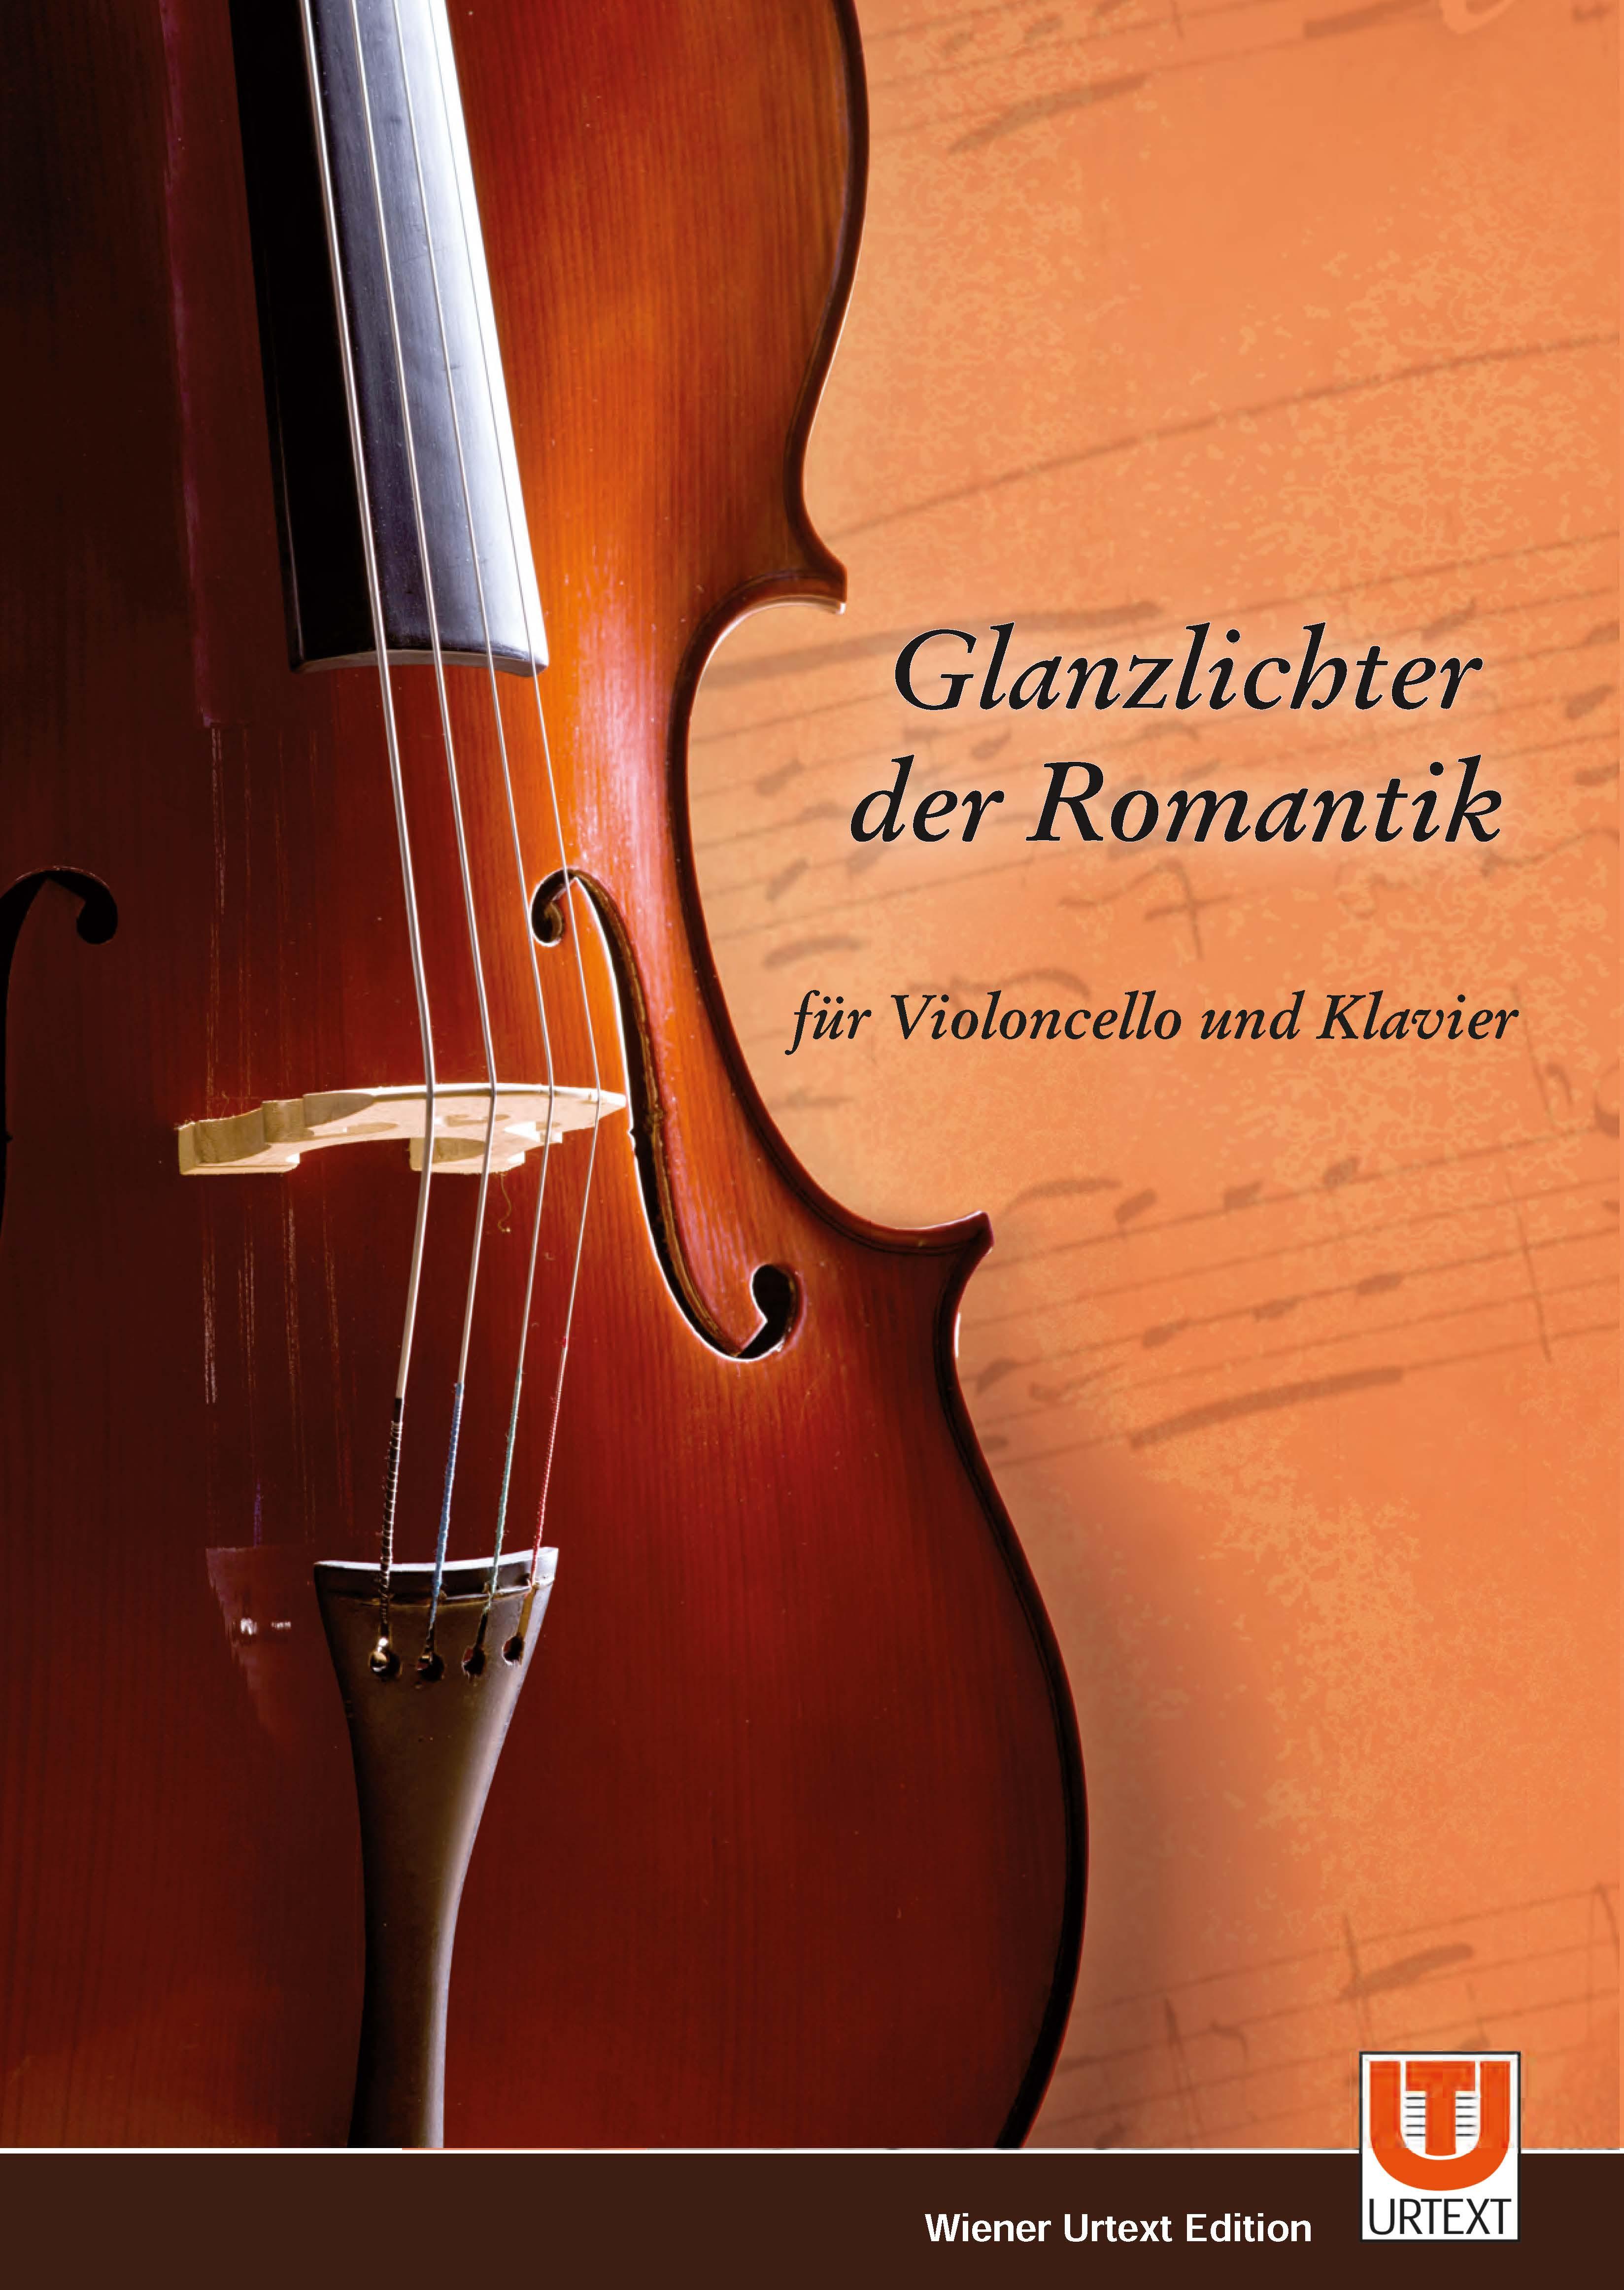 Glanzlichter-der-Romatik-f-r-Cello-und-Klavier_deutsch_Cover